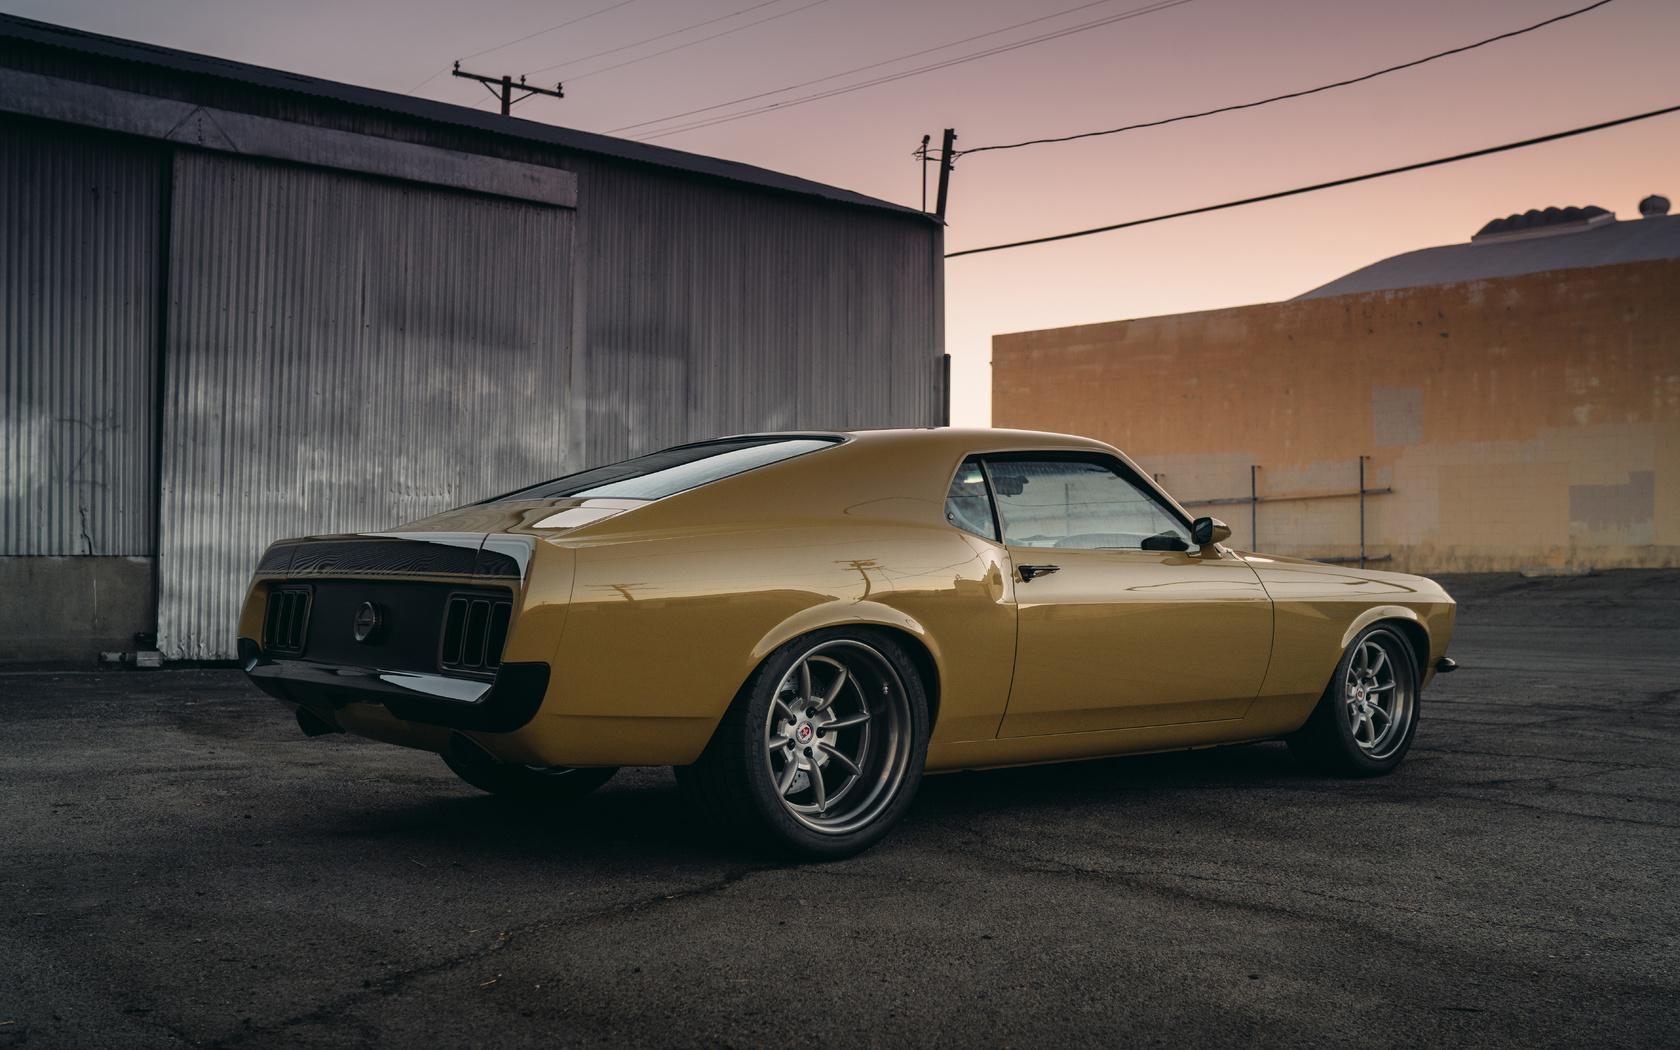 speedkore, rdj, boss, 302, ford, mustang, golden